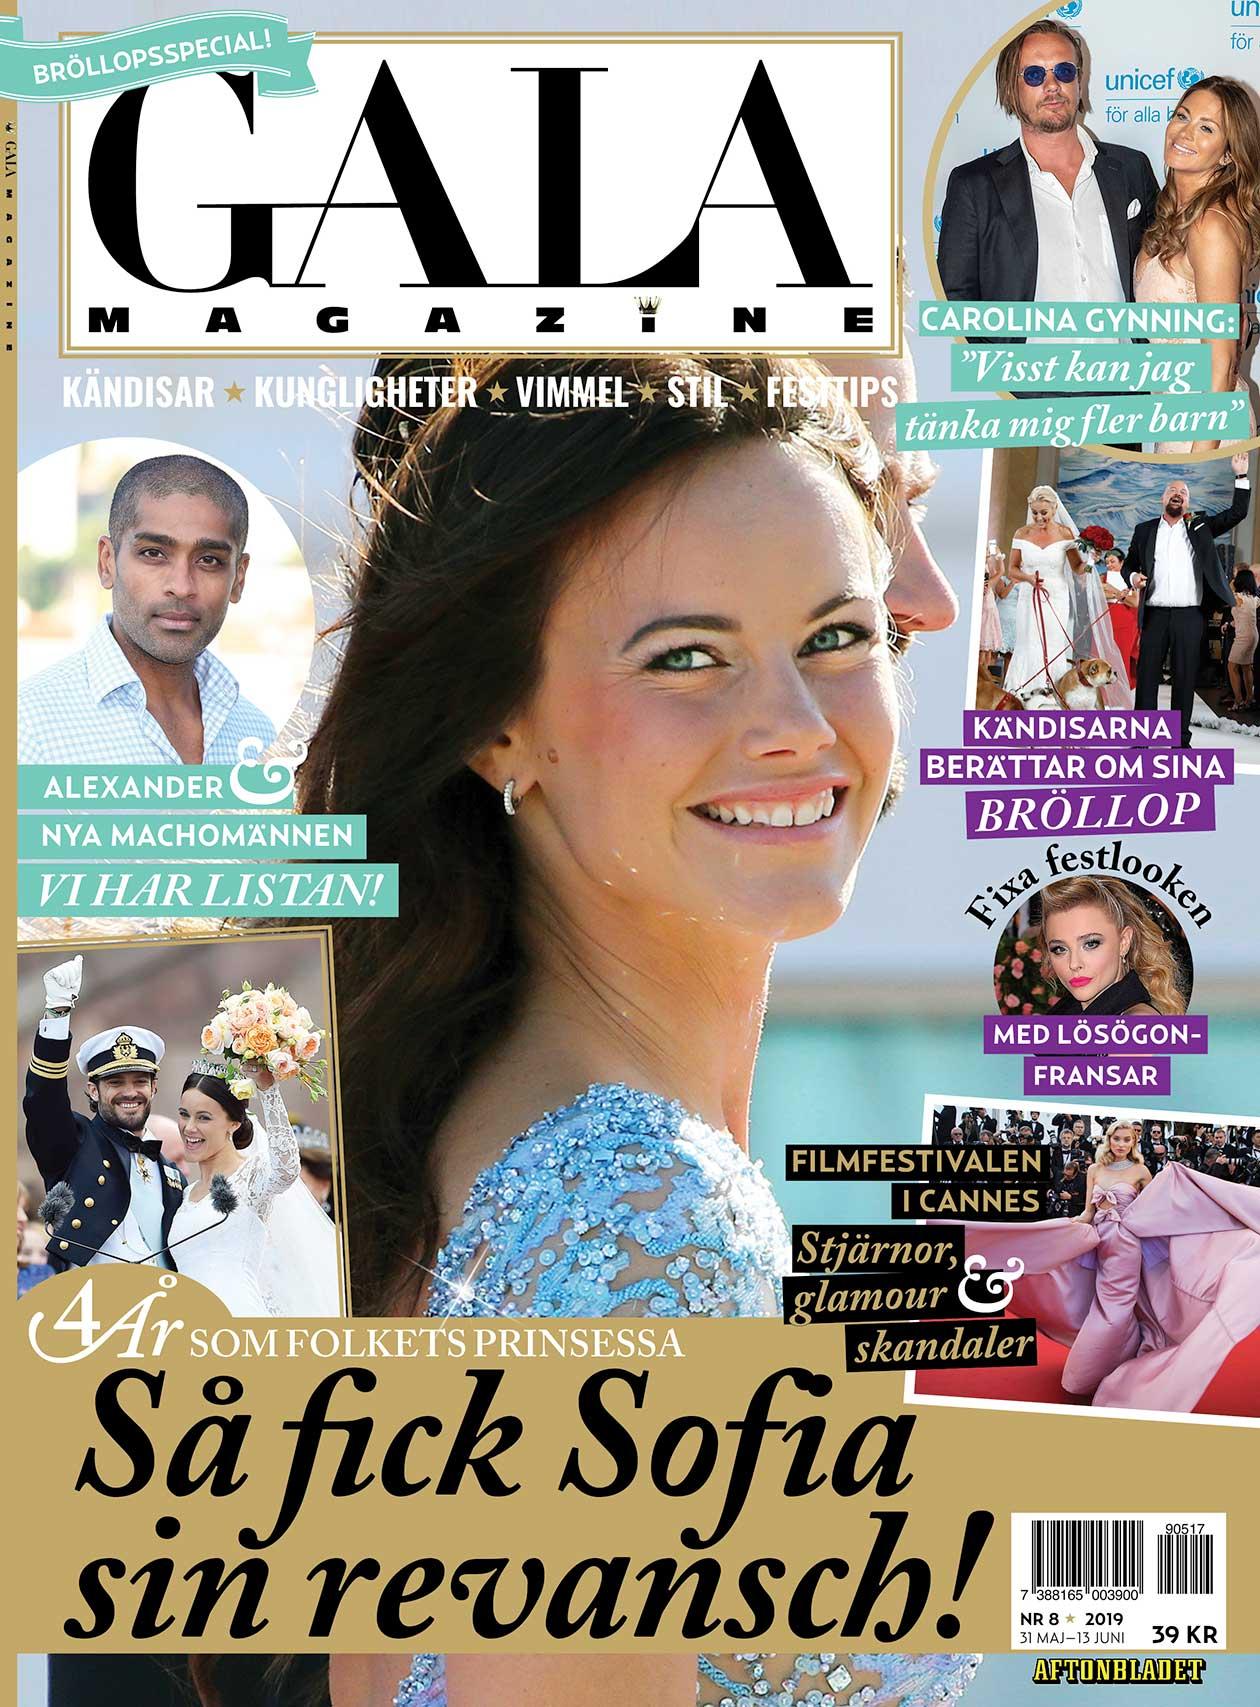 GALA magazine nr 8